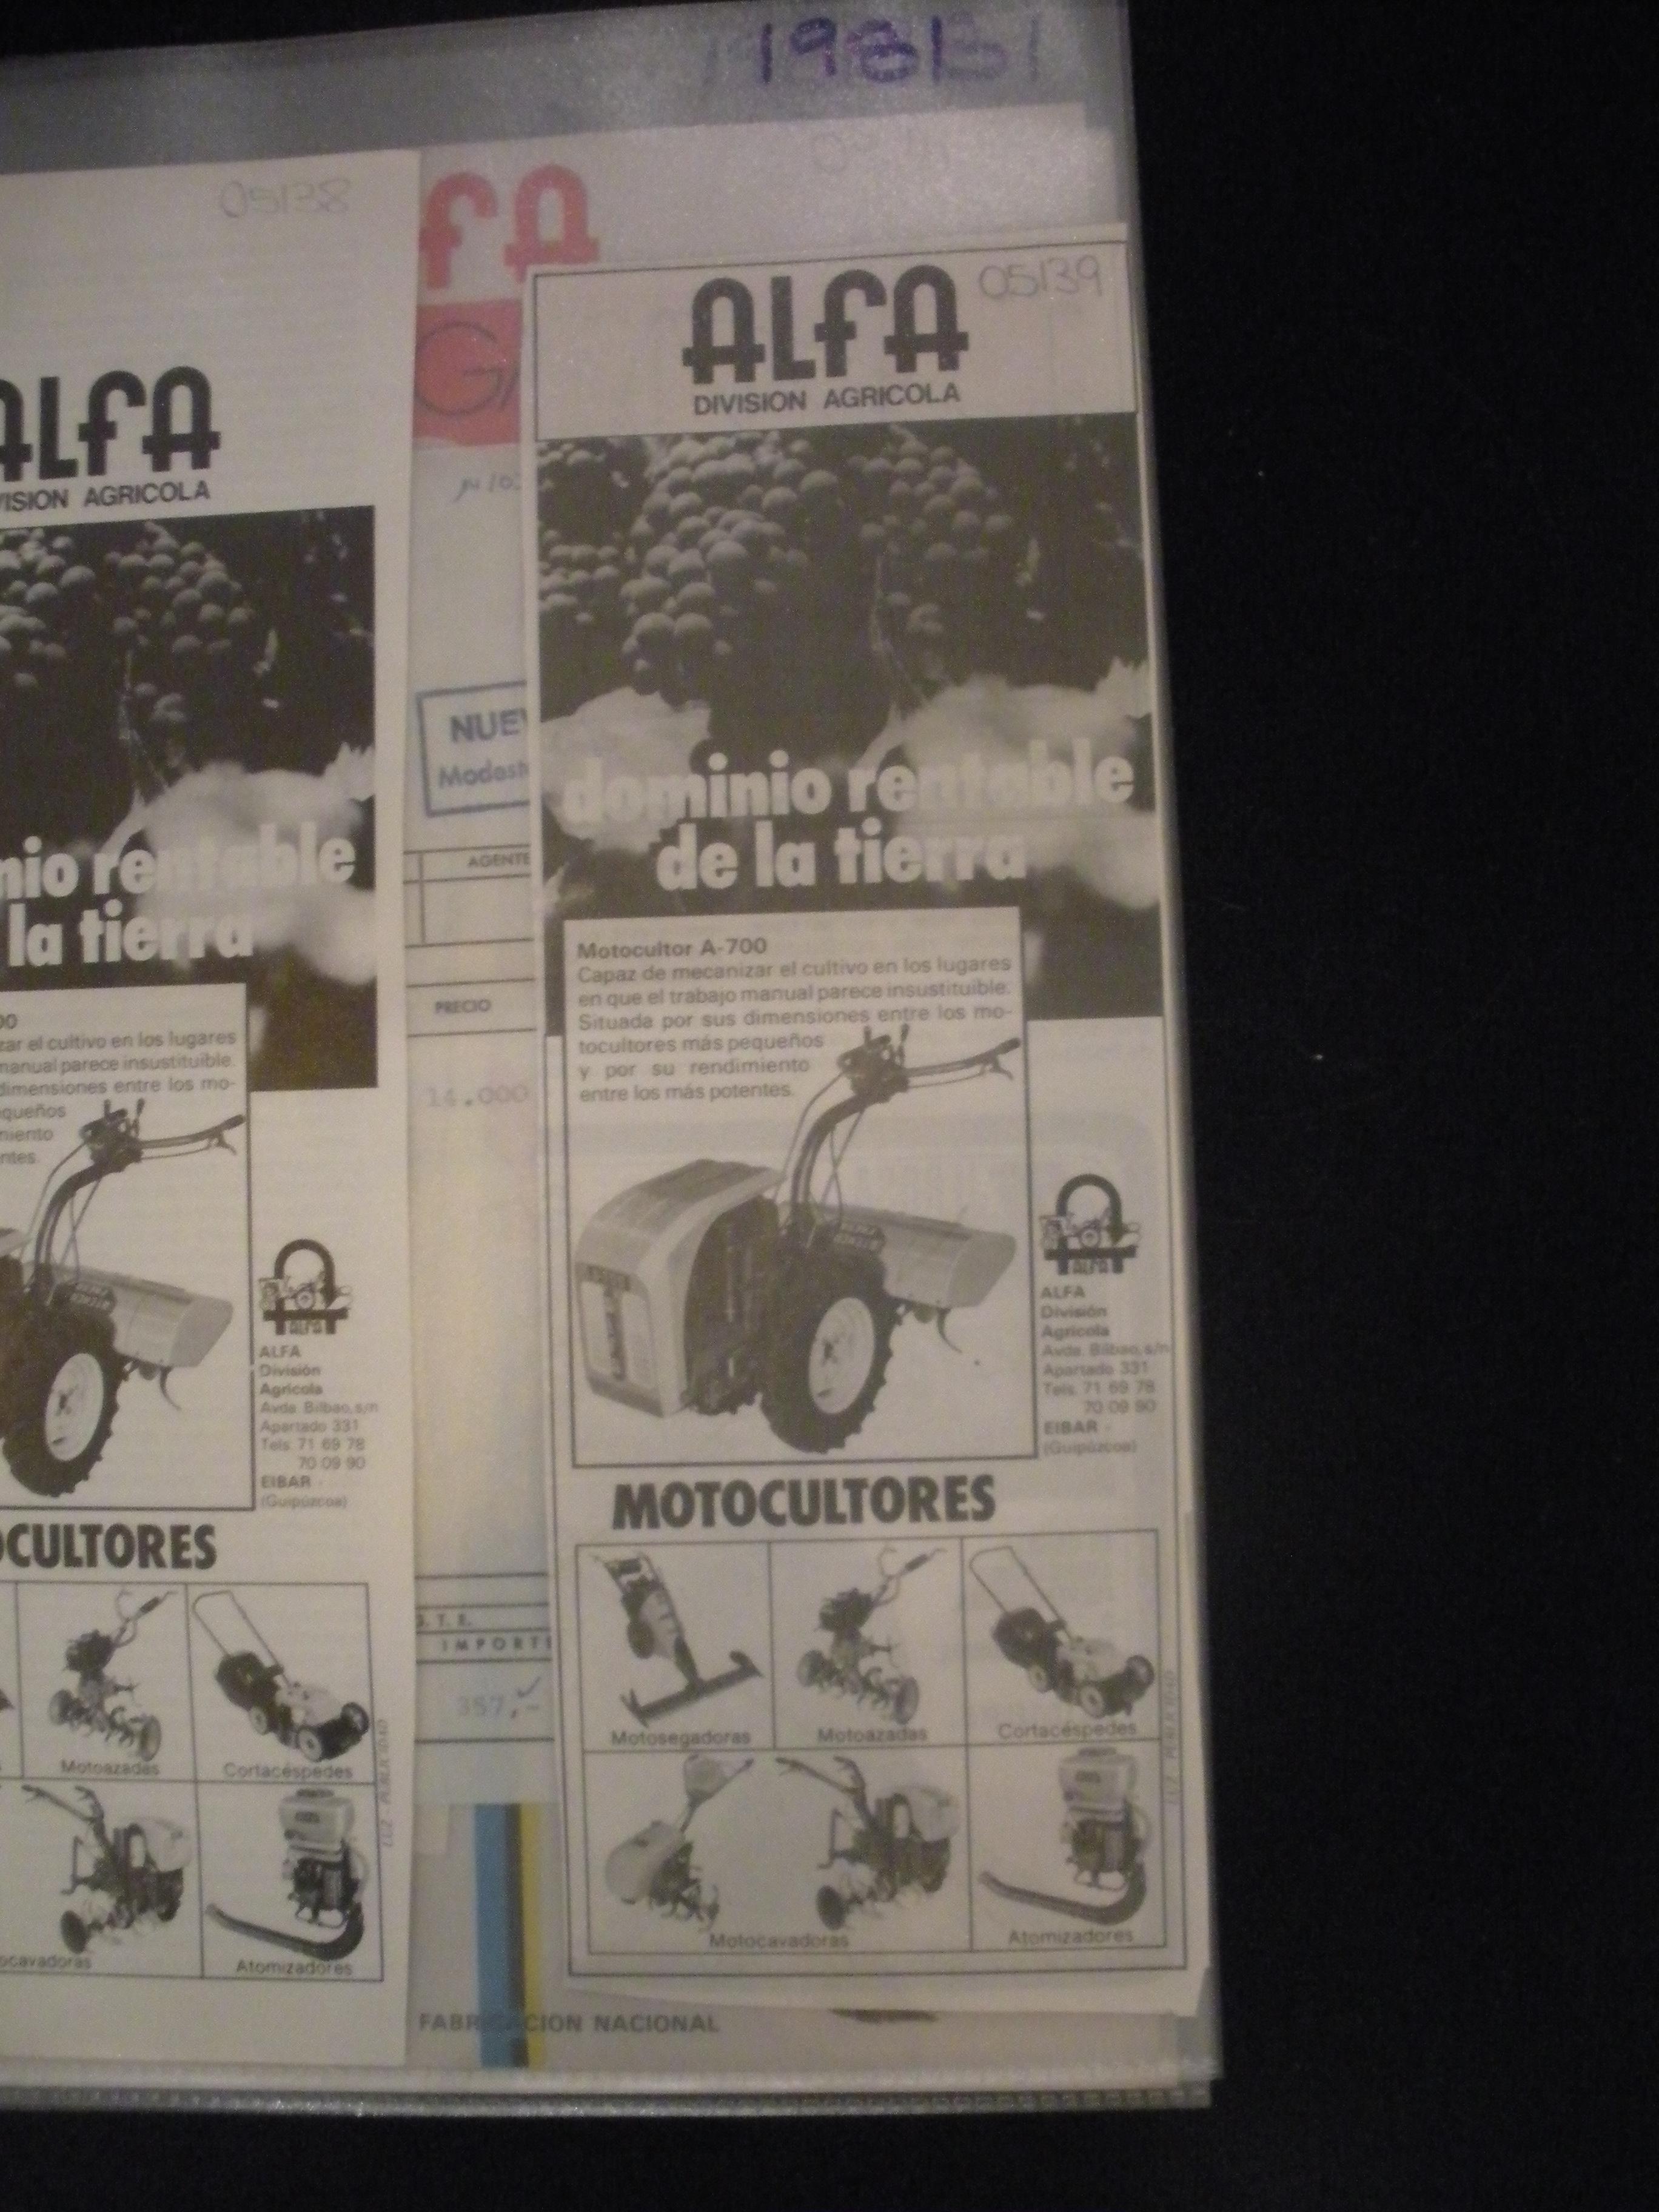 ANUNCIO DE ALFA DIVISION AGRICOLA